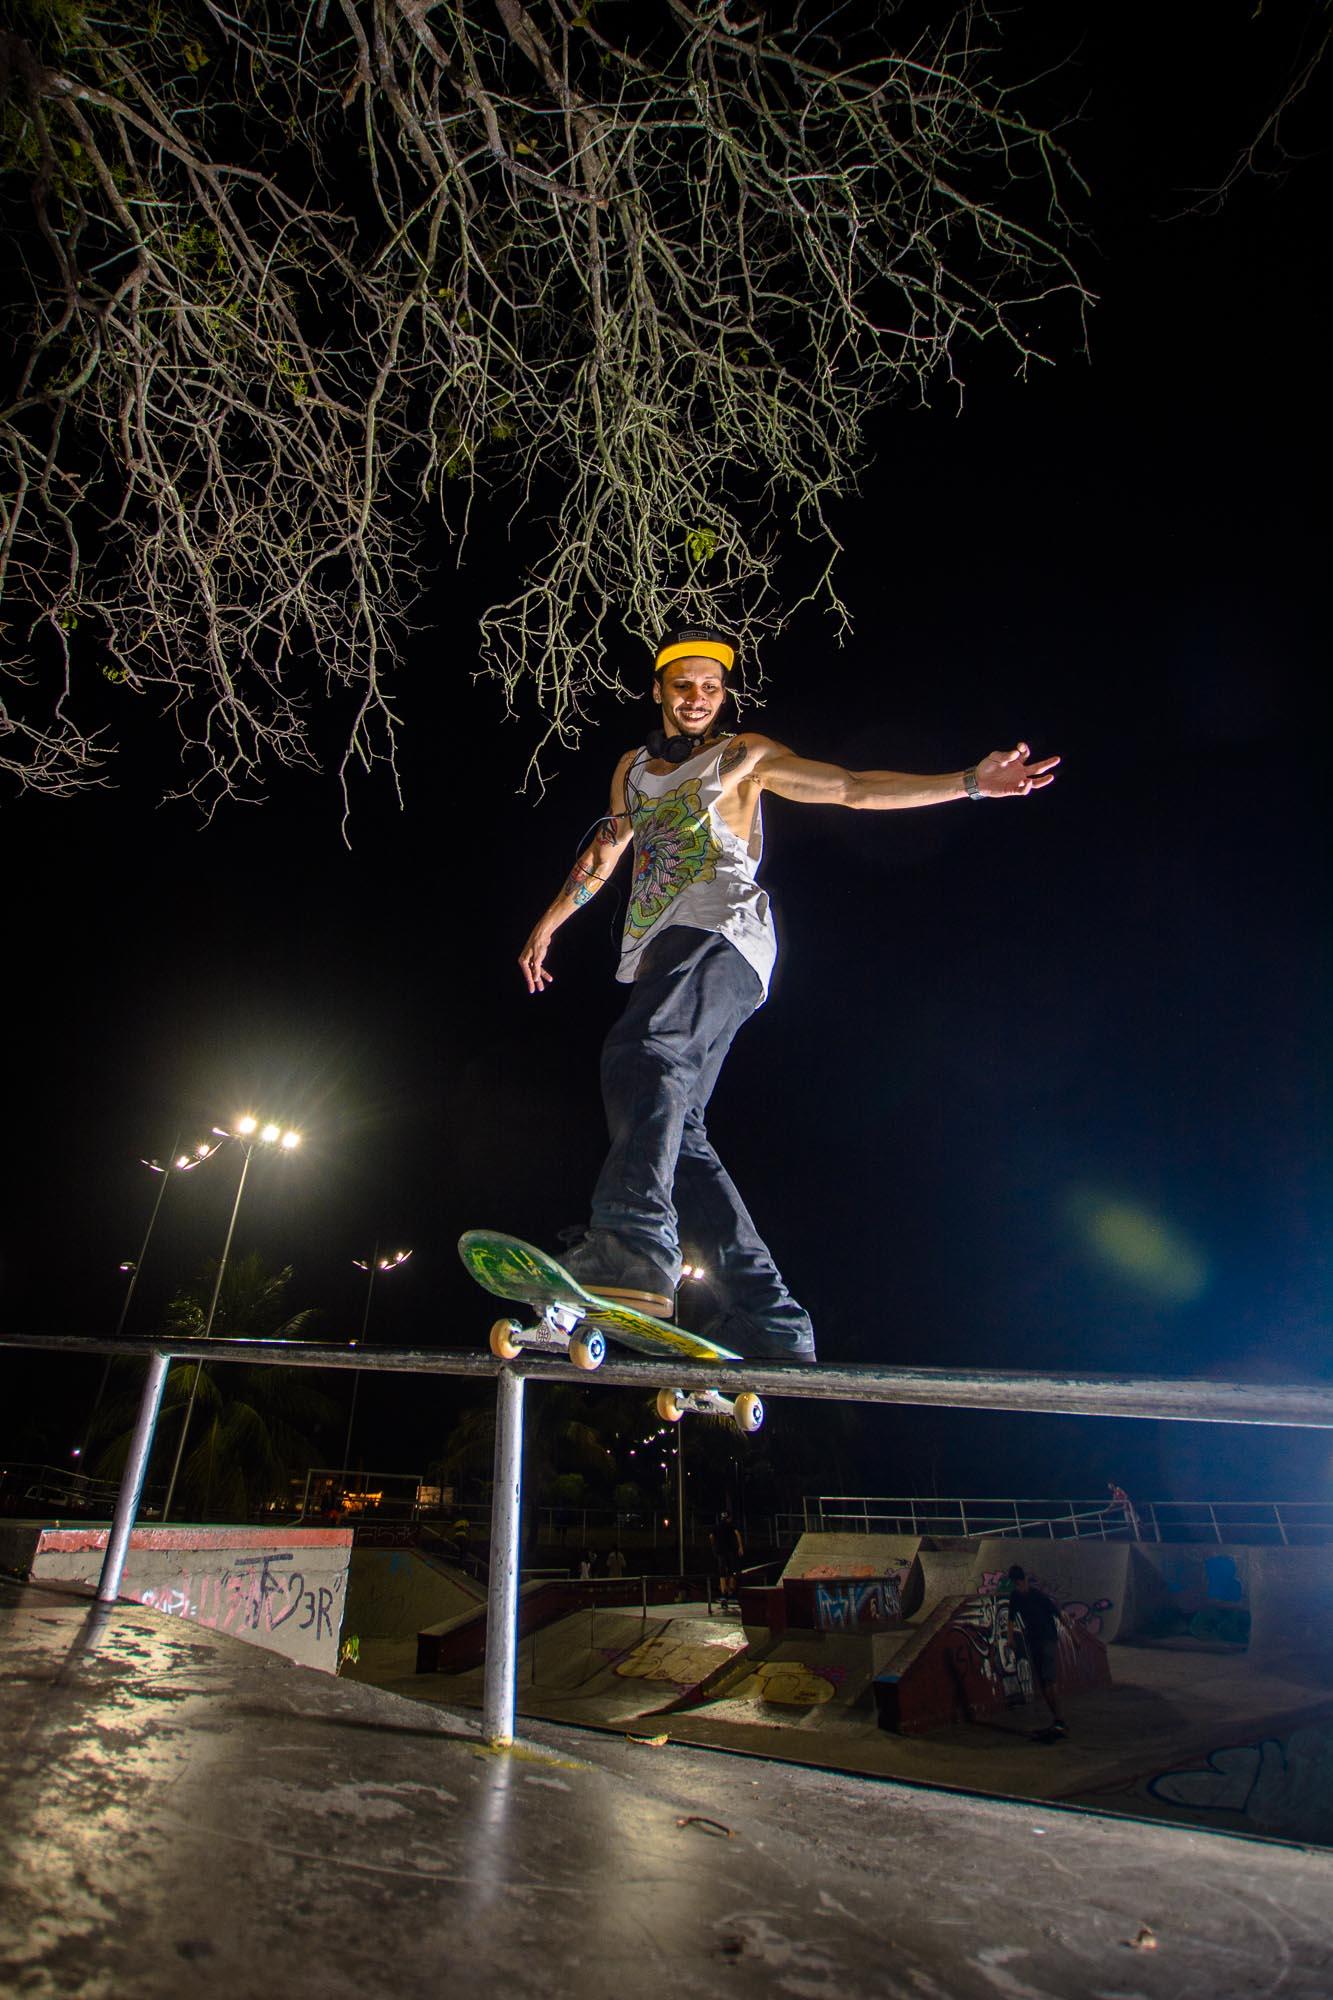 Greg Lee Skateboarder Trick 4